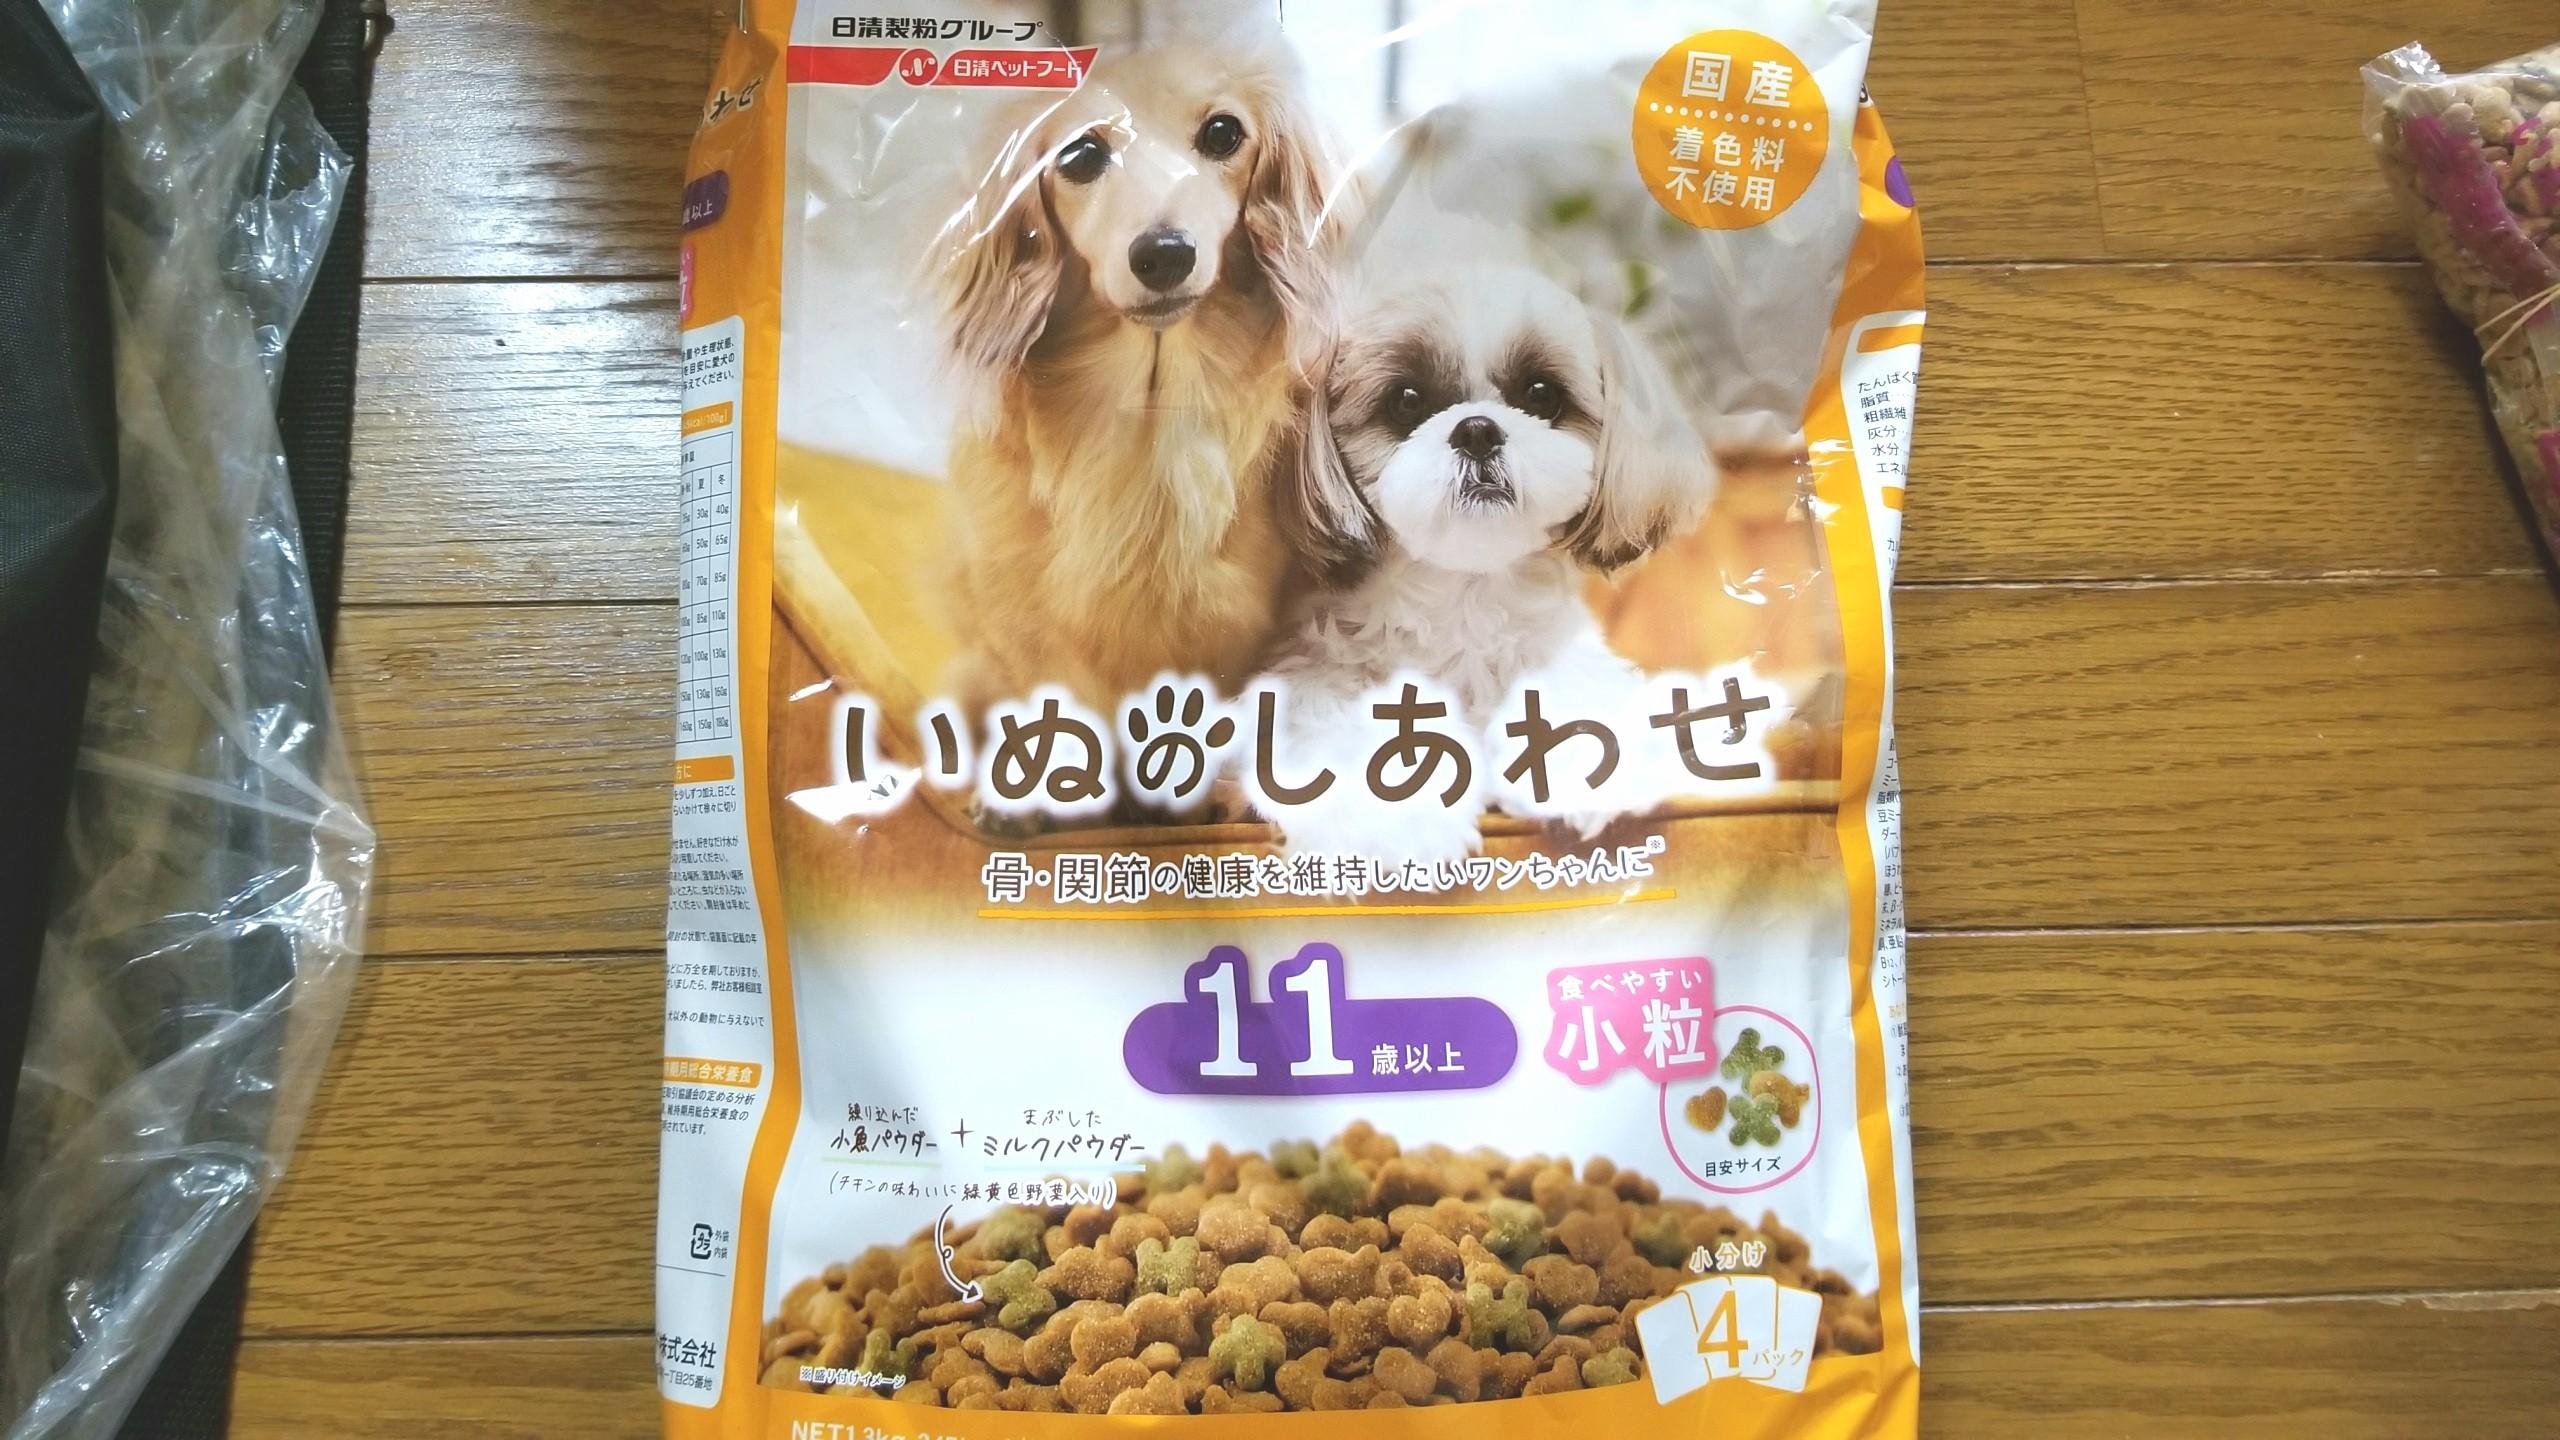 ペット愛犬,いぬのしあわせドッグフード,安いイオン,ごはん食べない